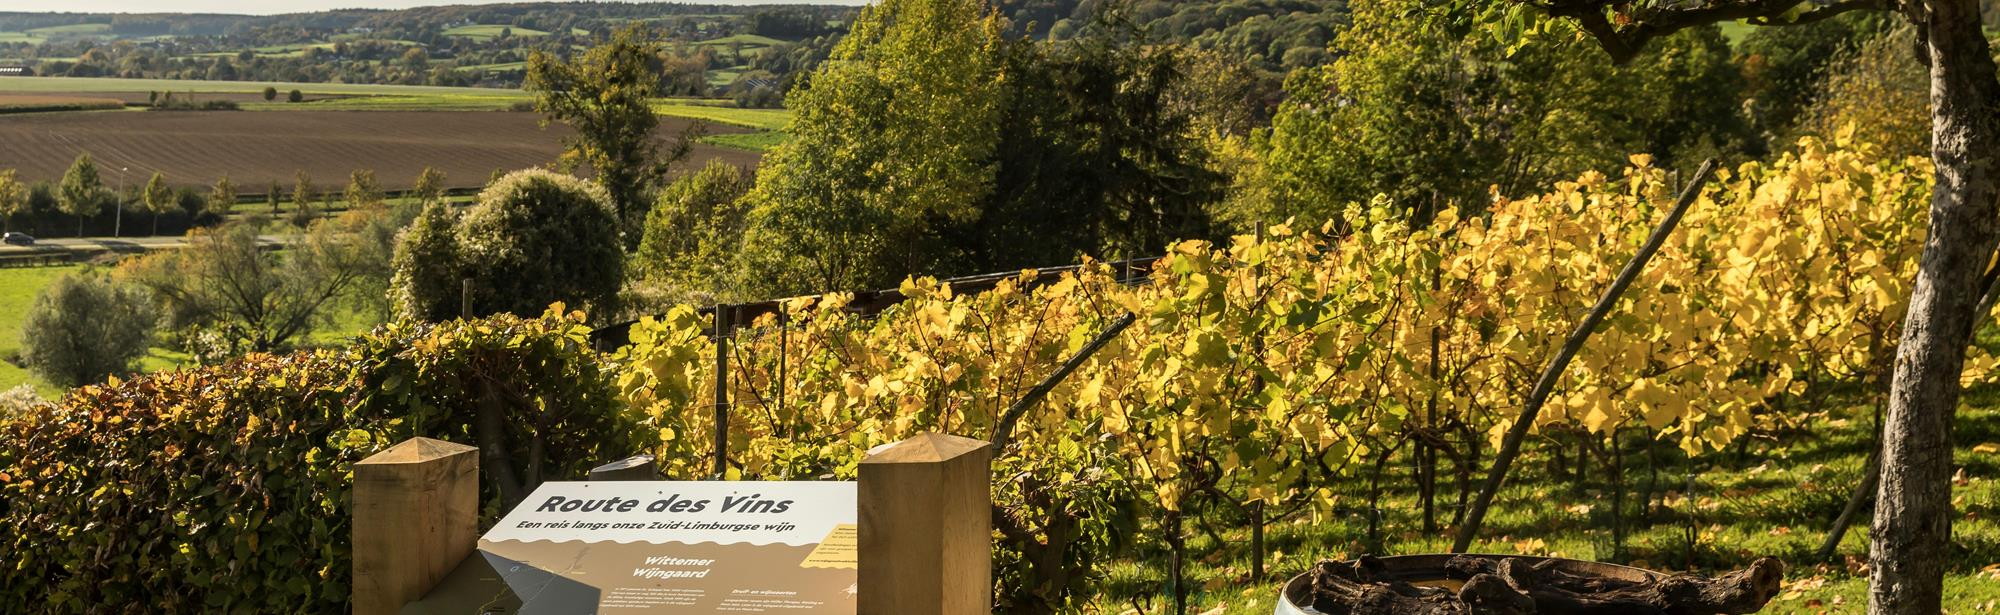 Route des Vins Wahlwiller Eys Vi1